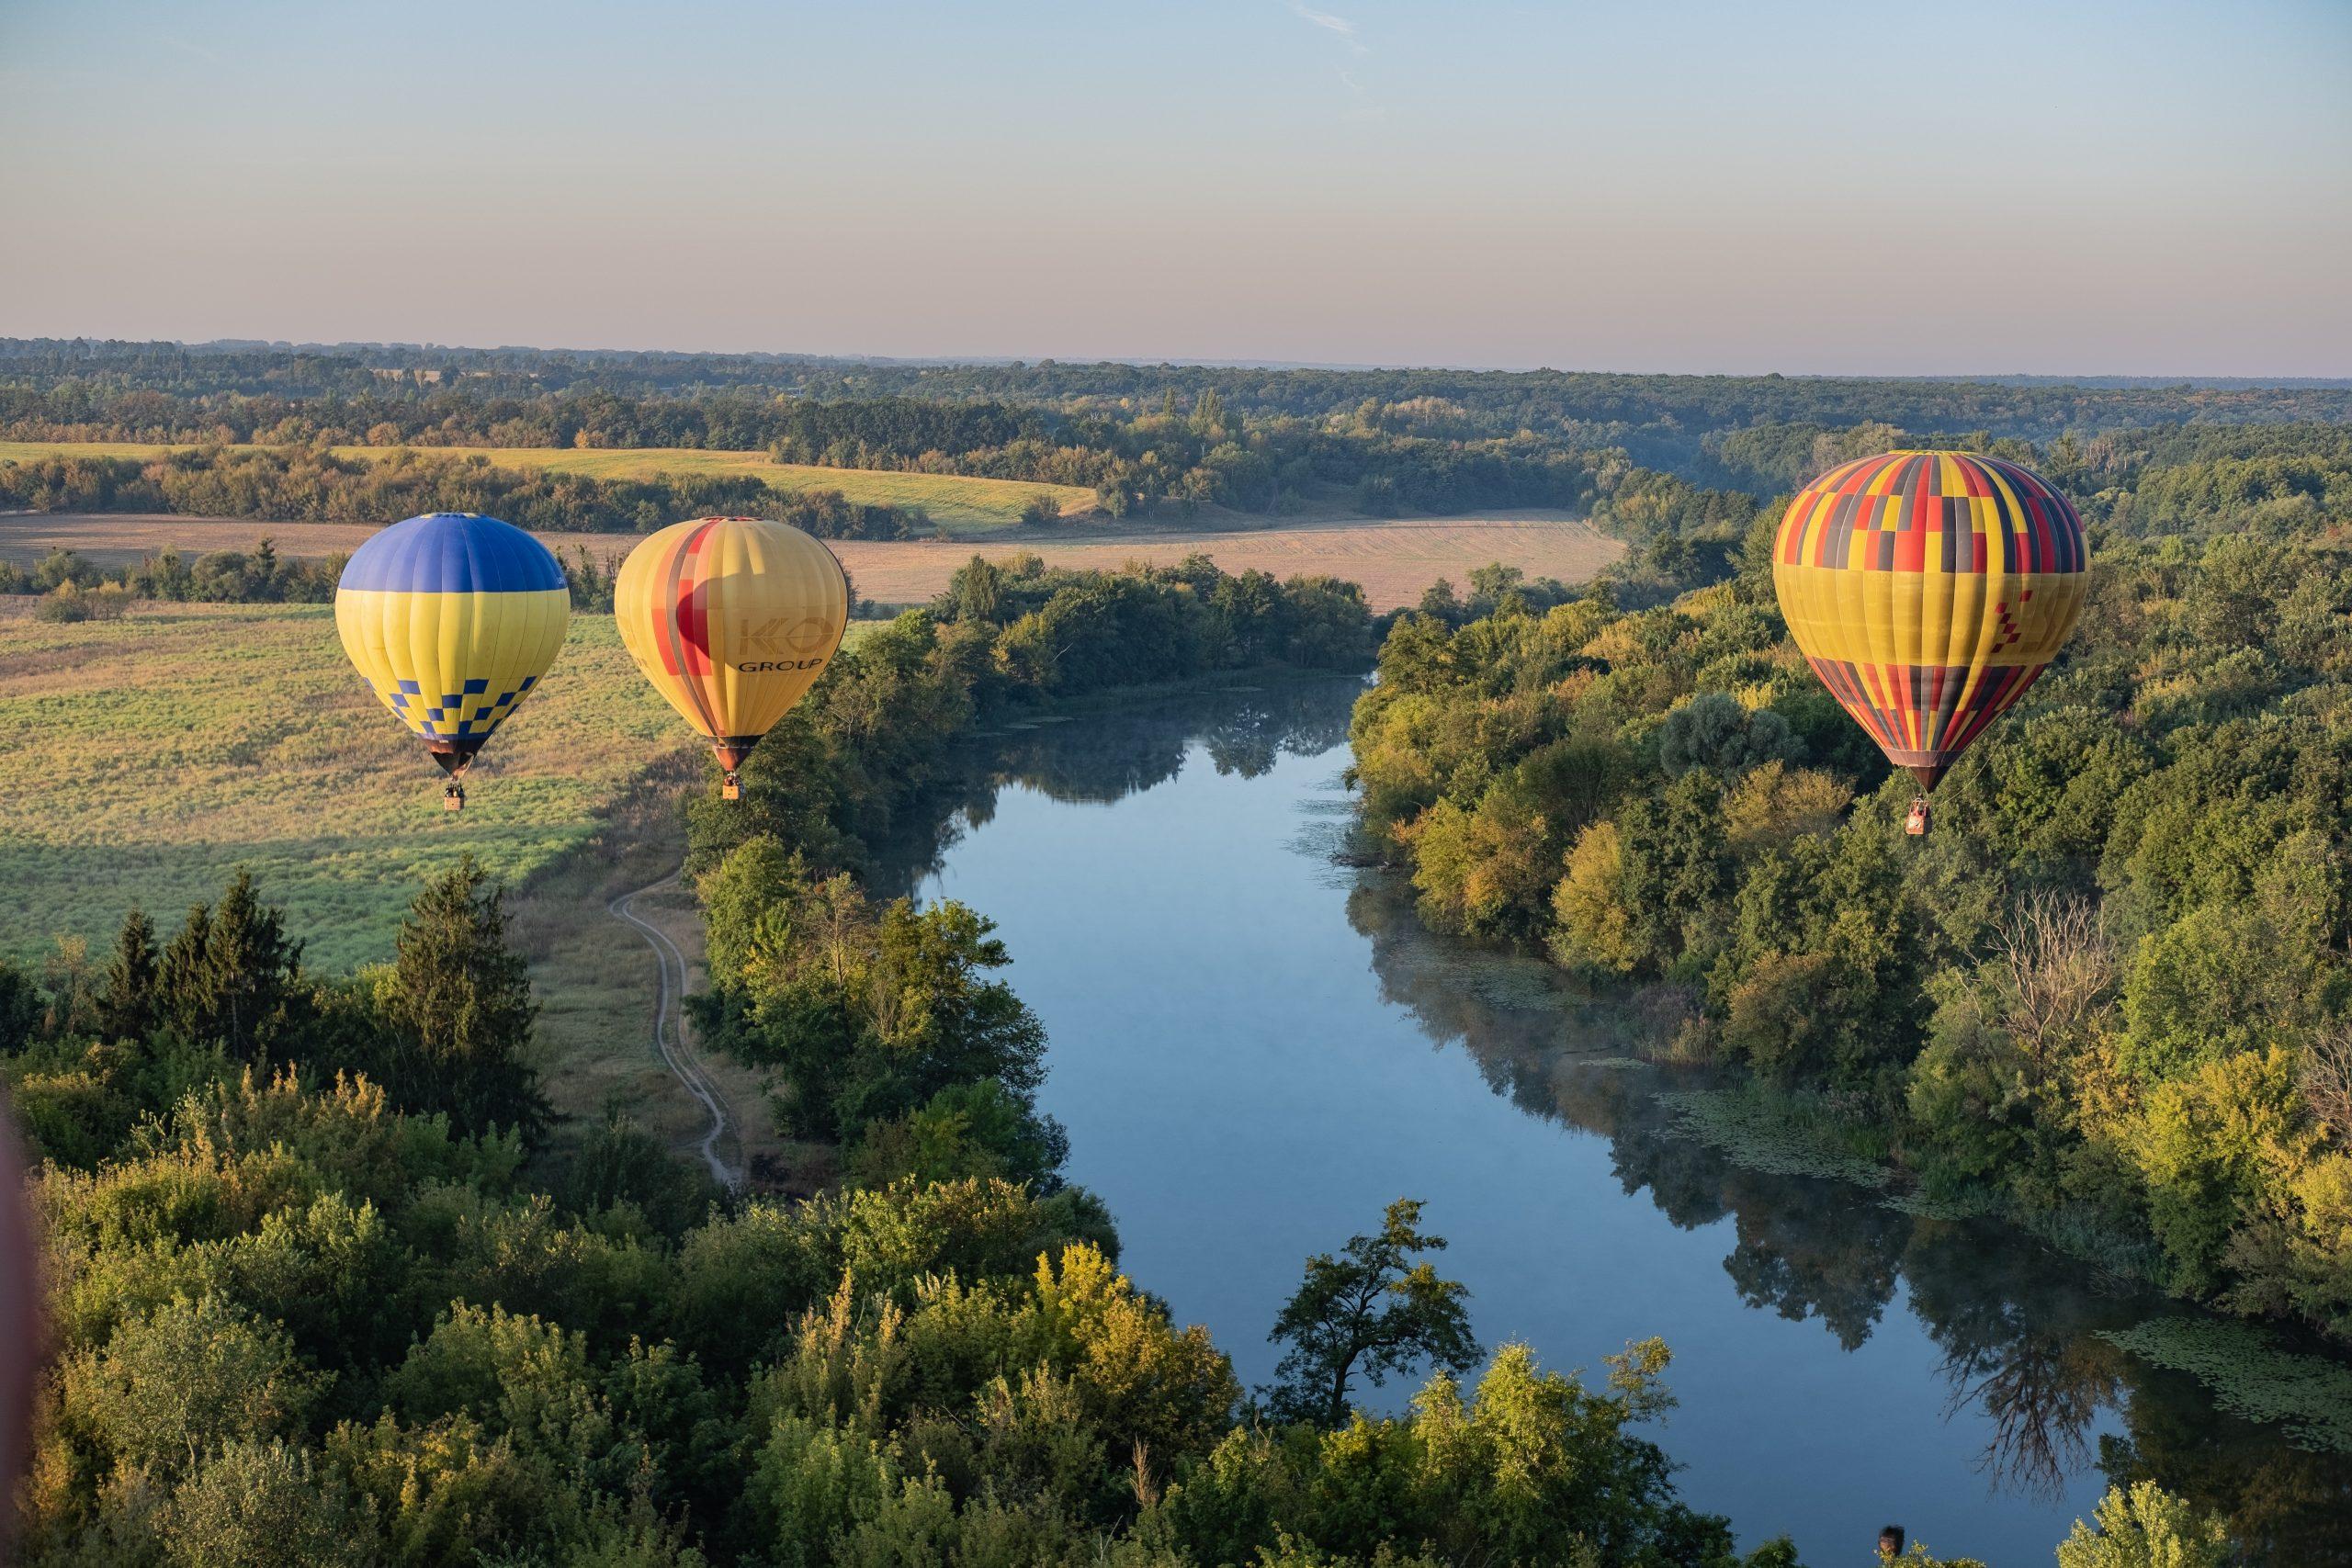 Et luftballon gavekort er gaven, de færreste vil bytte